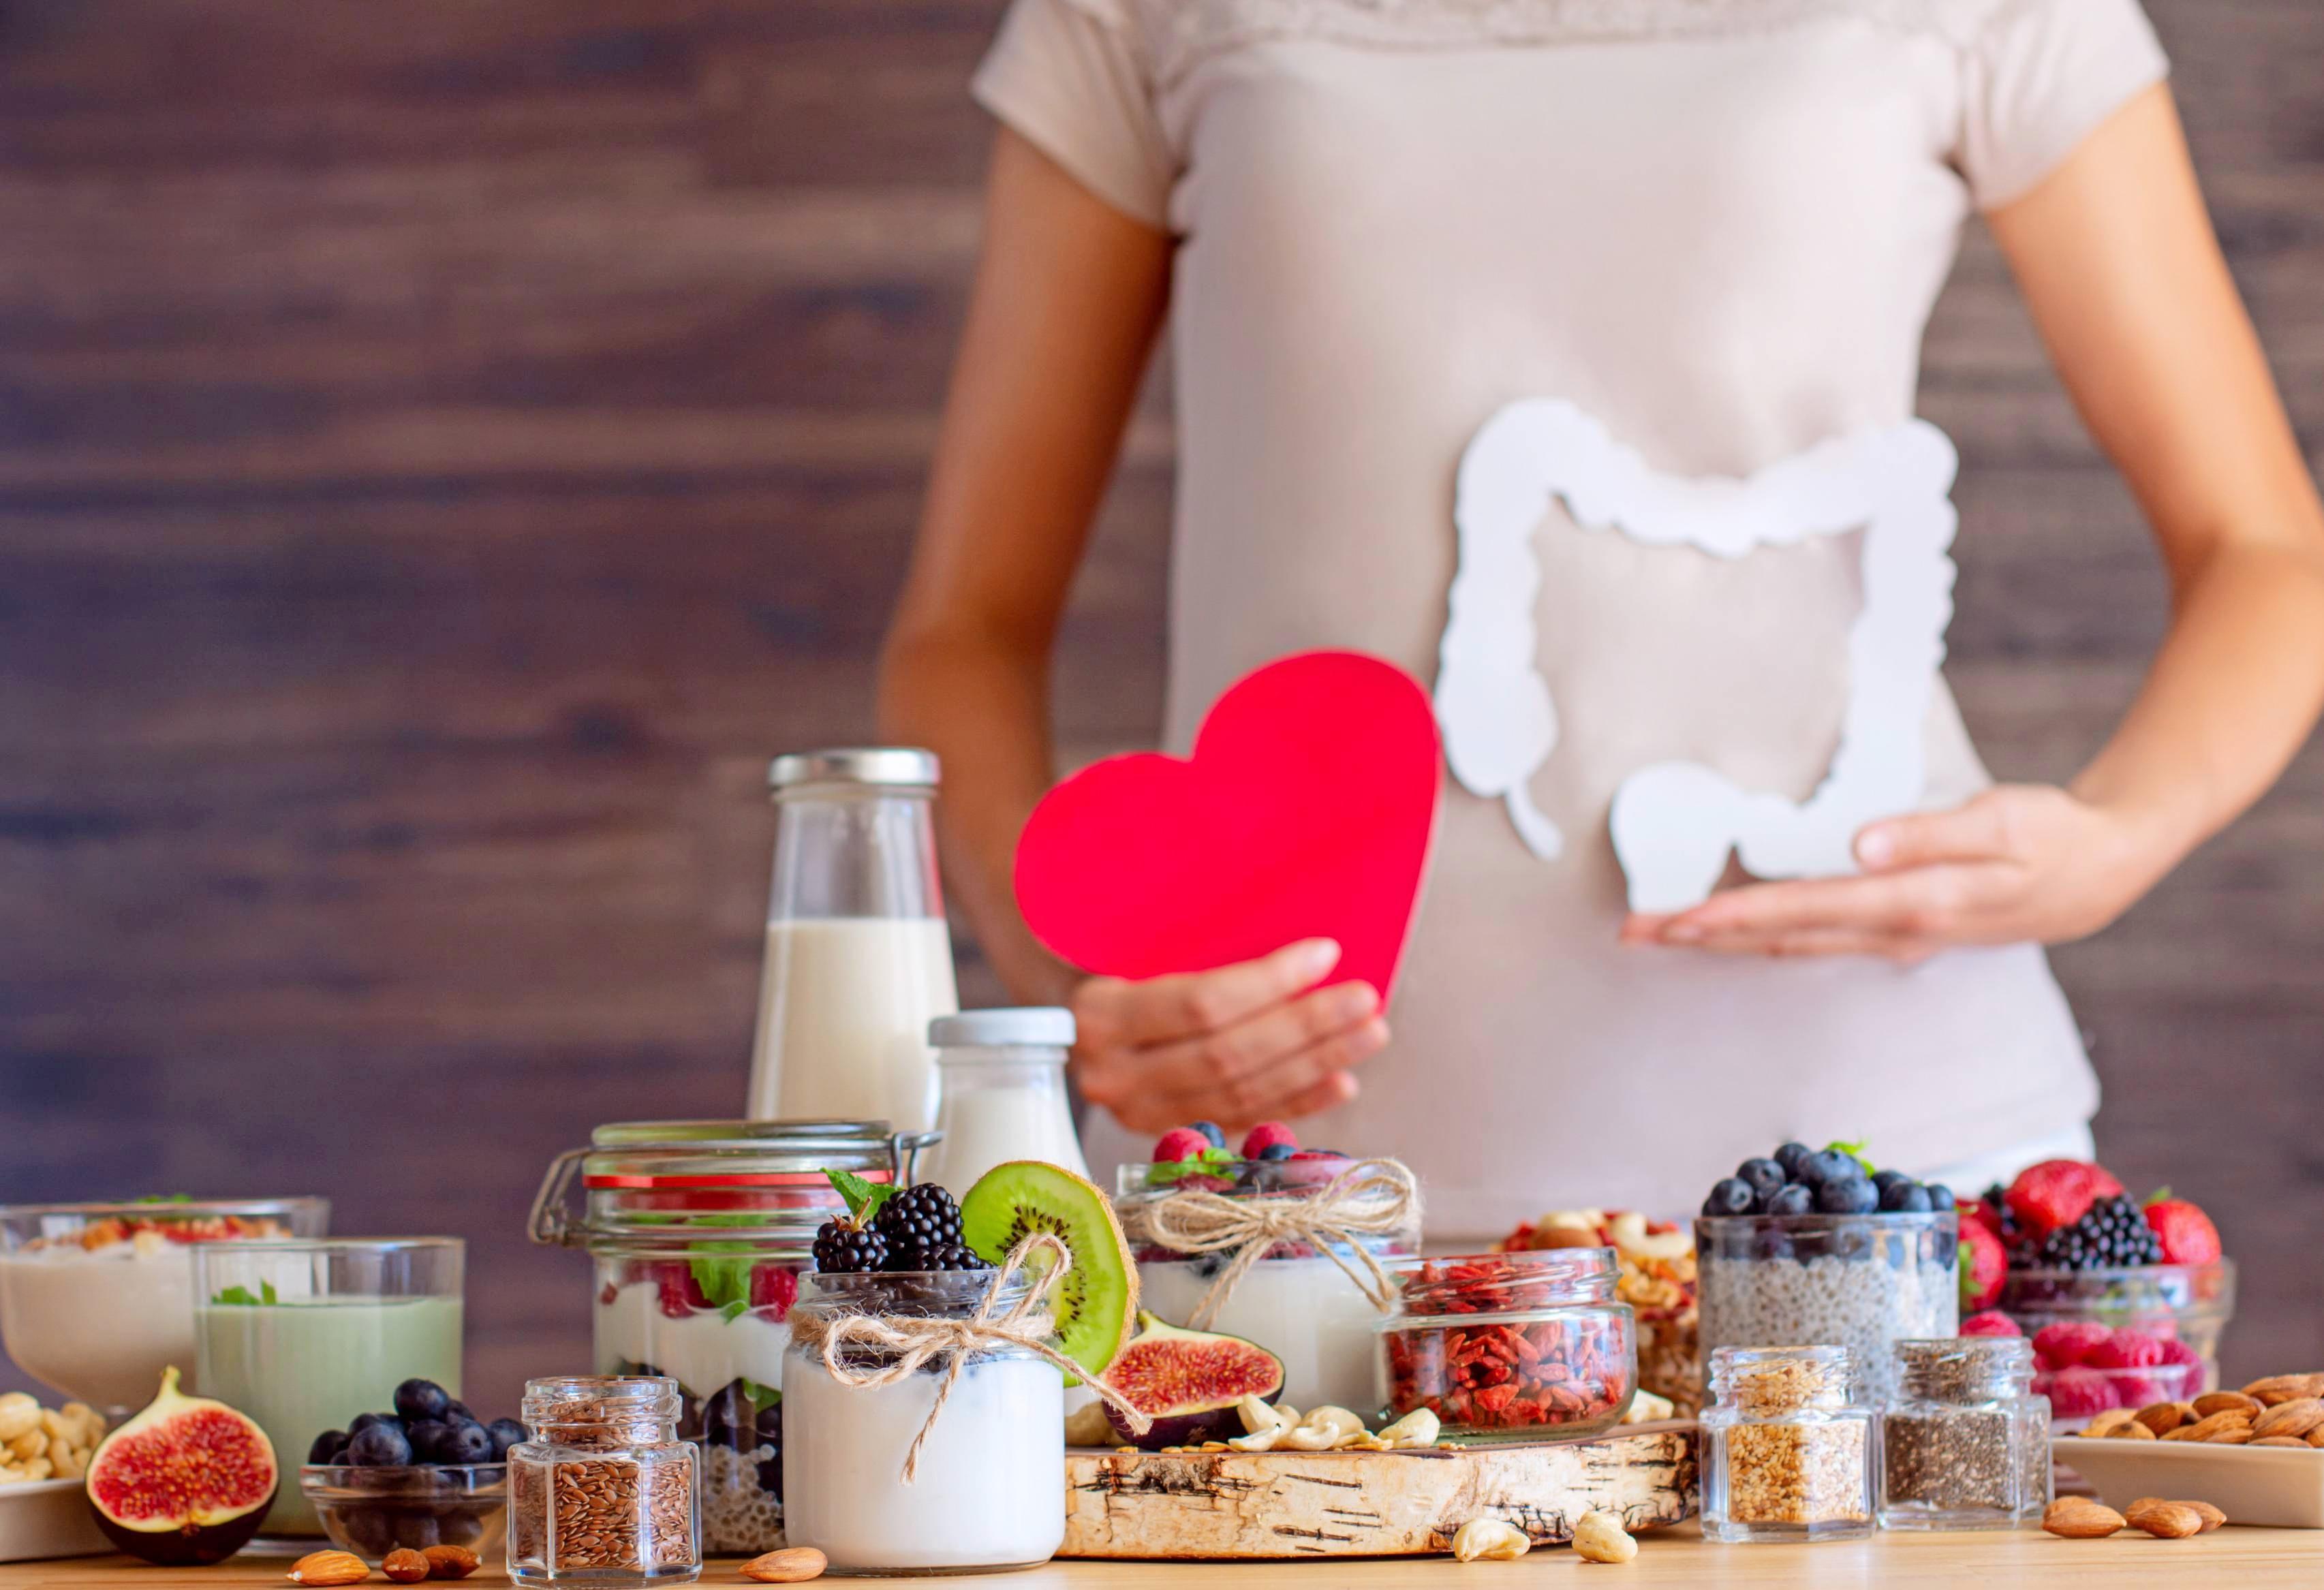 Was ist verträglich, was nicht? Ein Ernährungstagebuch kann Reizdarmpatienten helfen, dies herauszufinden. Experten empfehlen eine ausgewogene, faserreiche Kost. Foto: Monstar Studio/stock.adobe.com